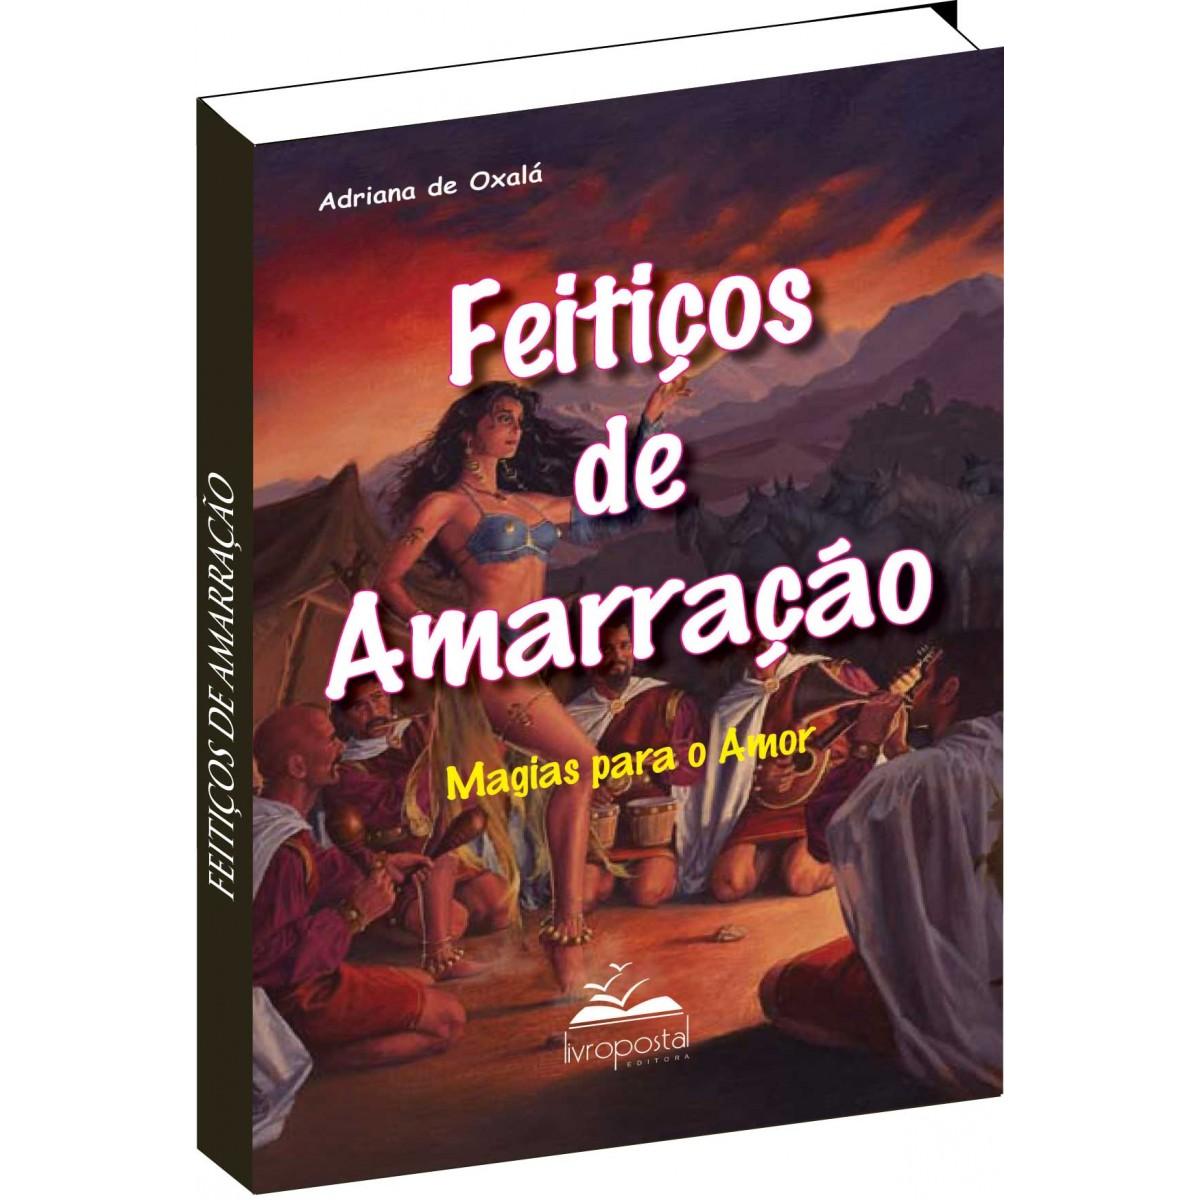 Livro - Feitiços de Amarração  - Livropostal Editora